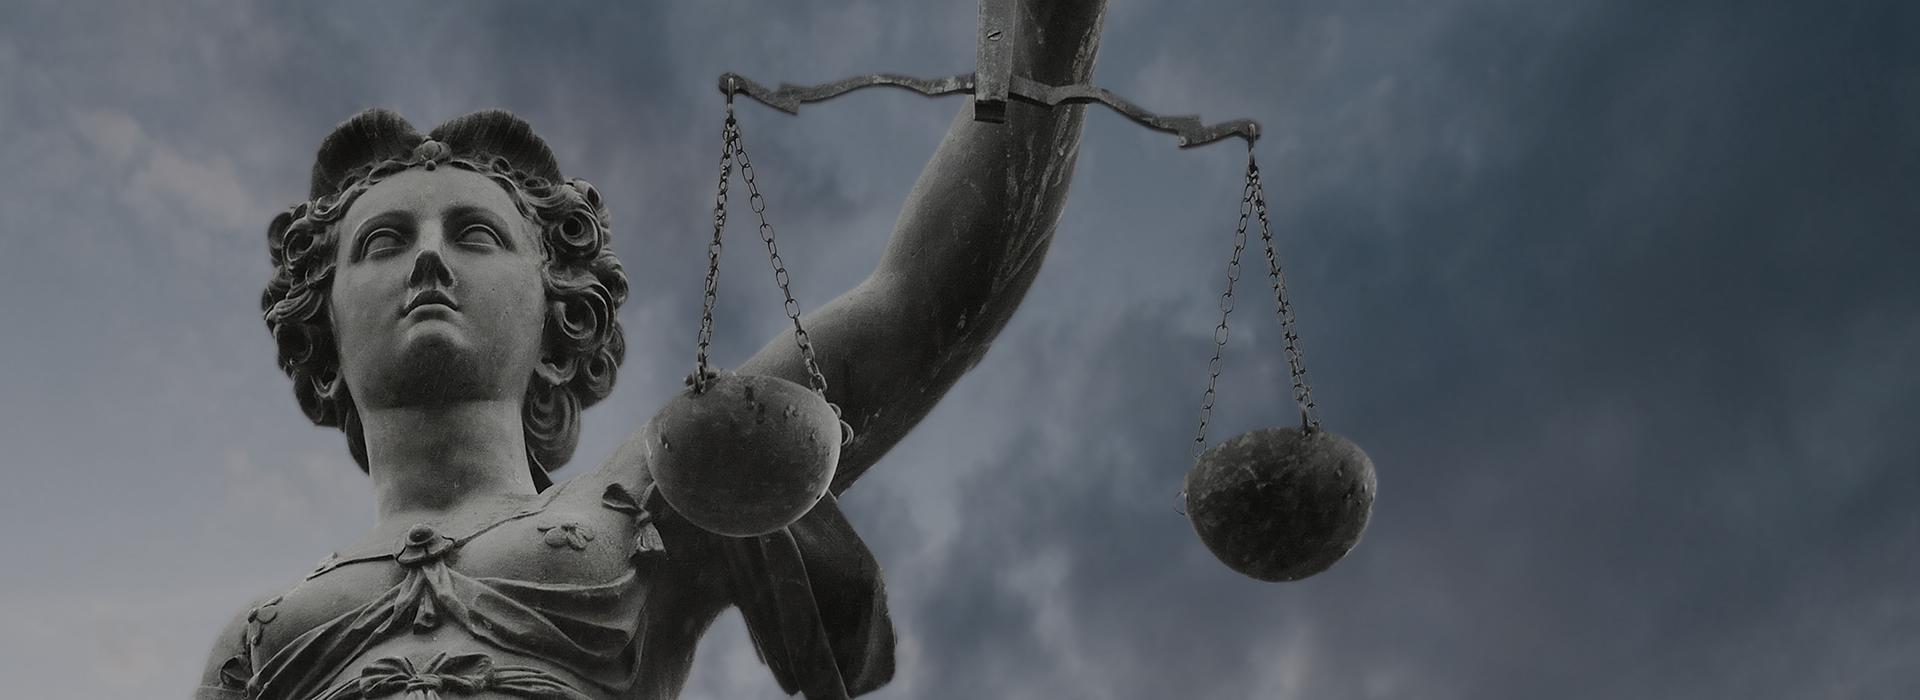 Nuestros abogados,especializados en distintas materias, ofrecen servicios jurídicos con el objetivo de proteger a empresas y particulares.